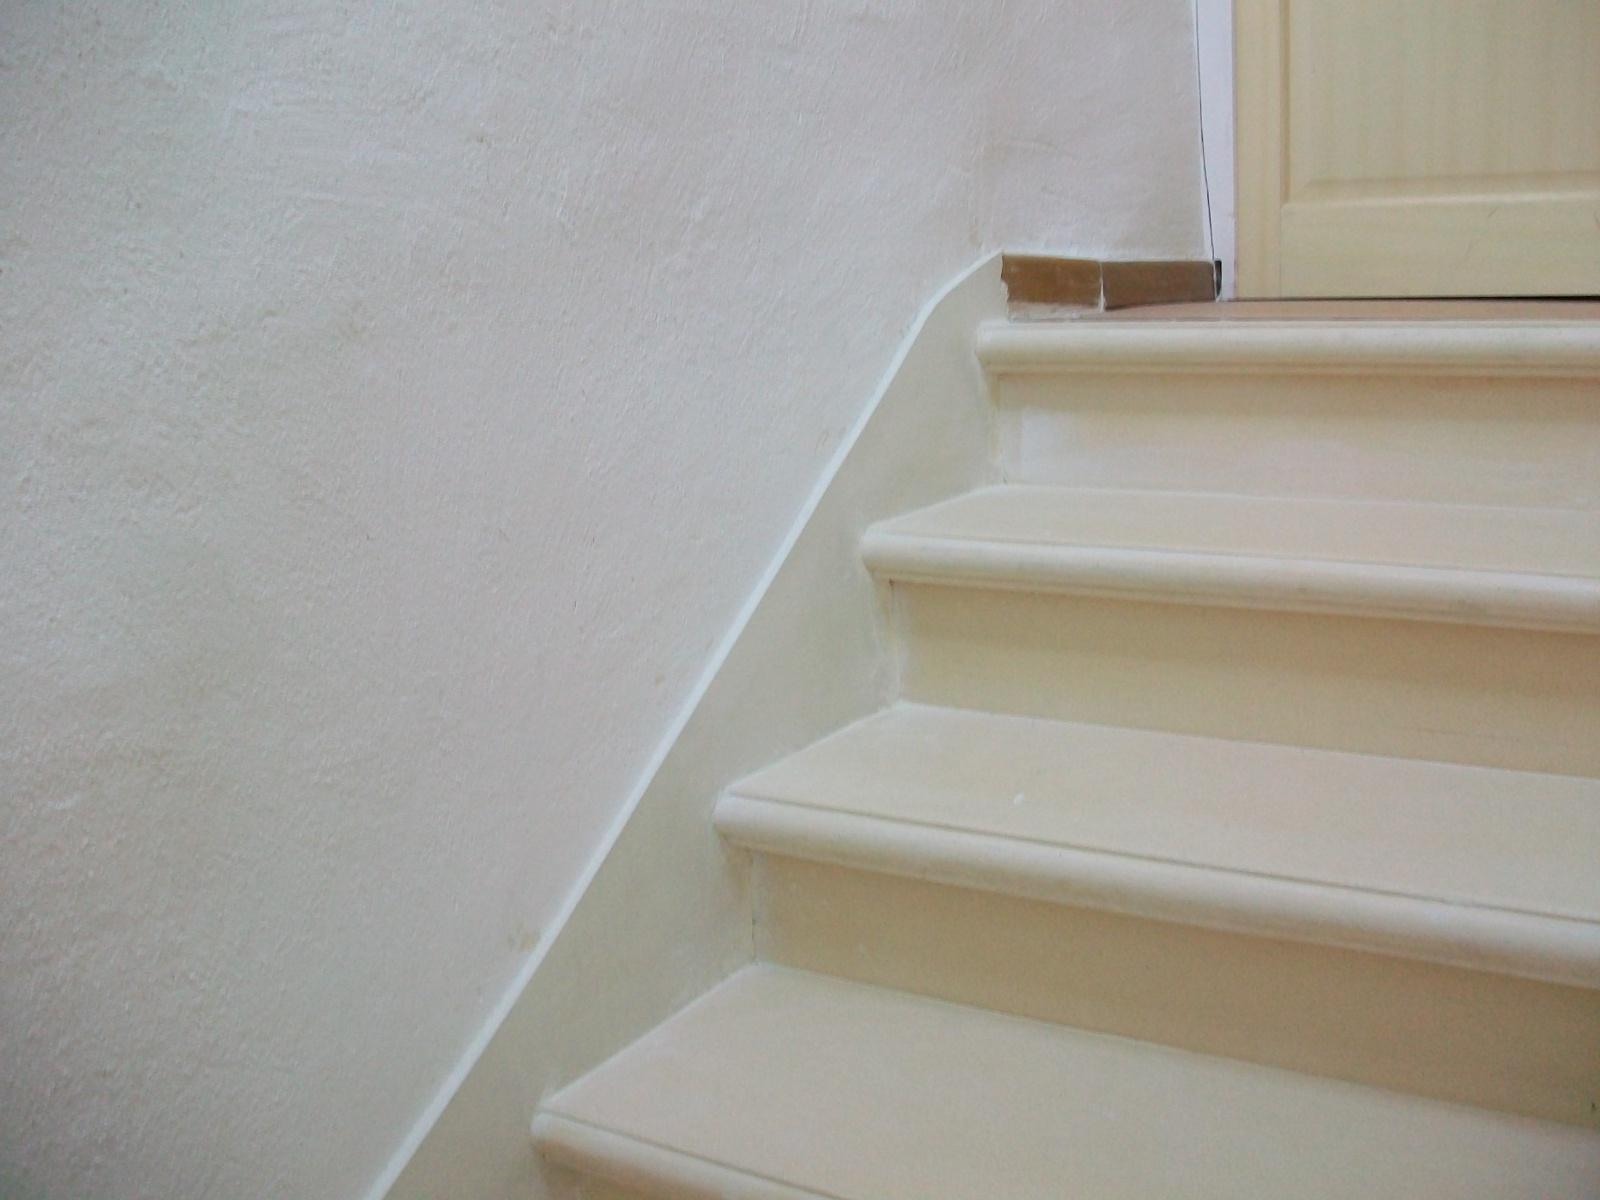 Les Plinthes D'escalier destiné Plinthe Carrelage Escalier